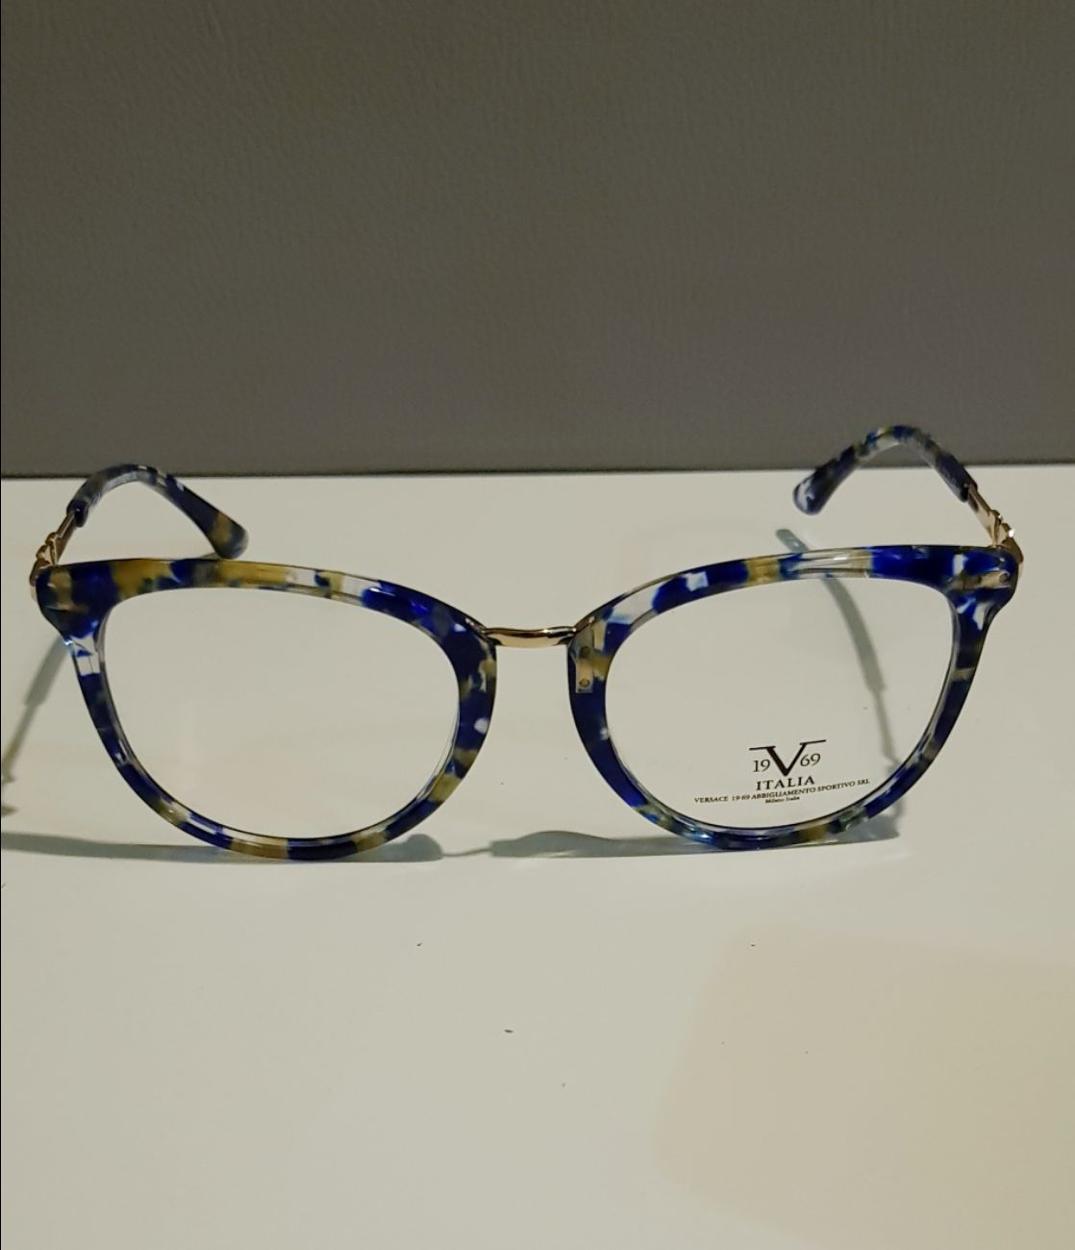 Versace 19.69 Gözlük